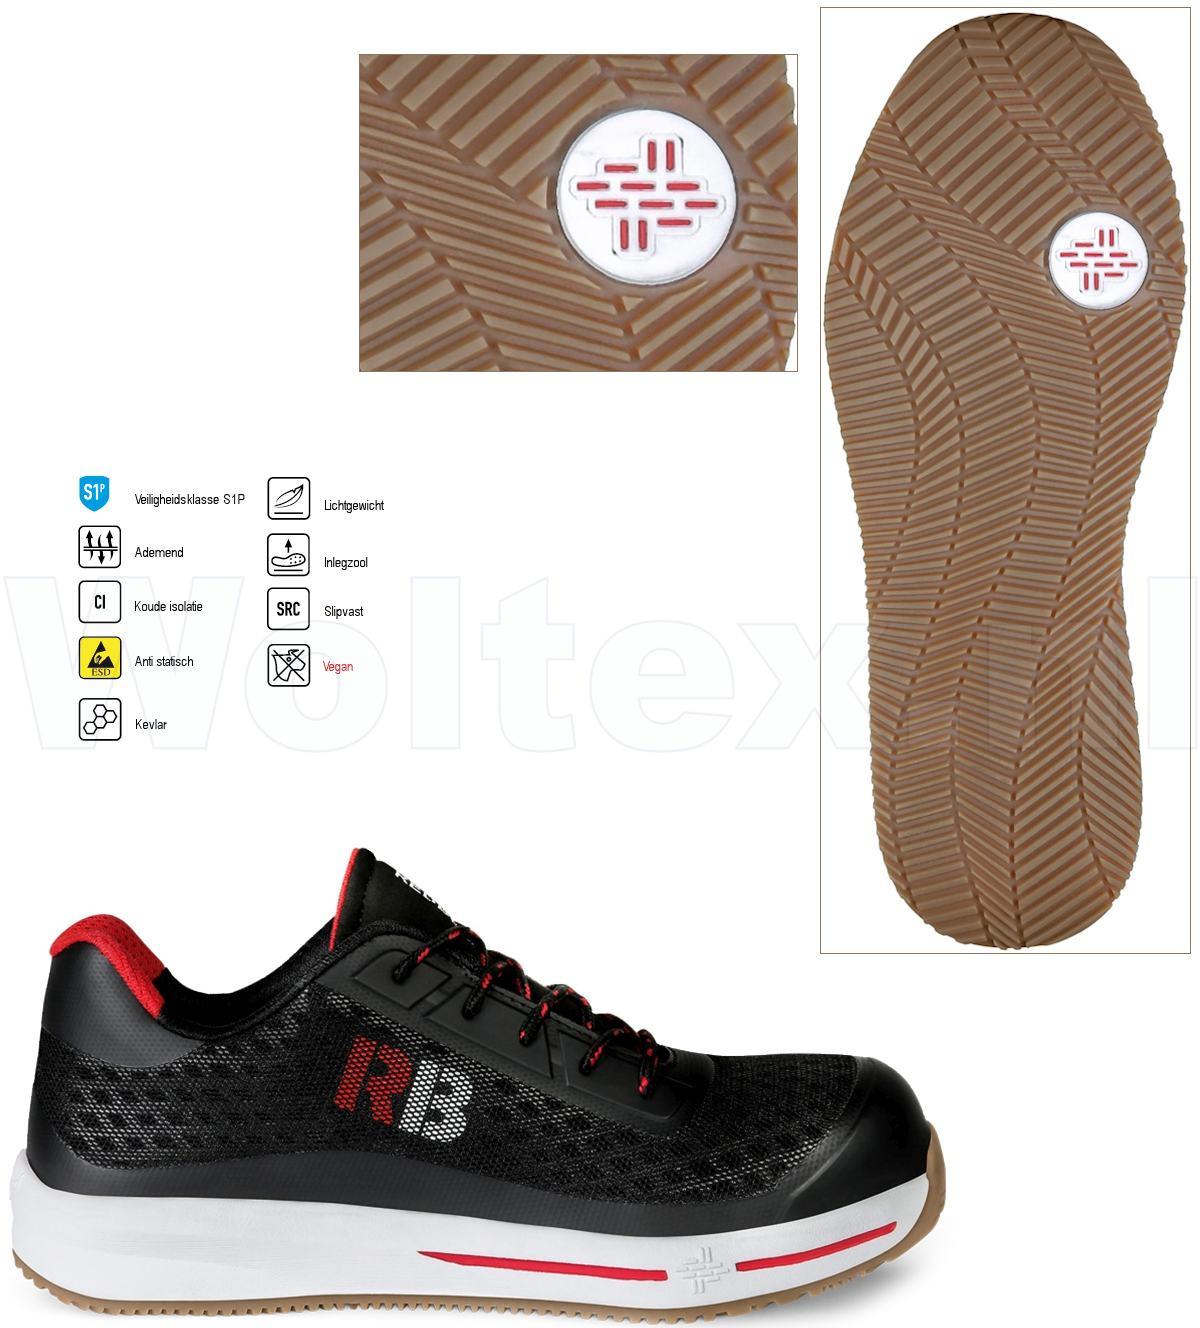 Werkschoenen Met Witte Zool.Redbrick Safety Sneakers Motion S1p Esd Werkschoenen Sierra